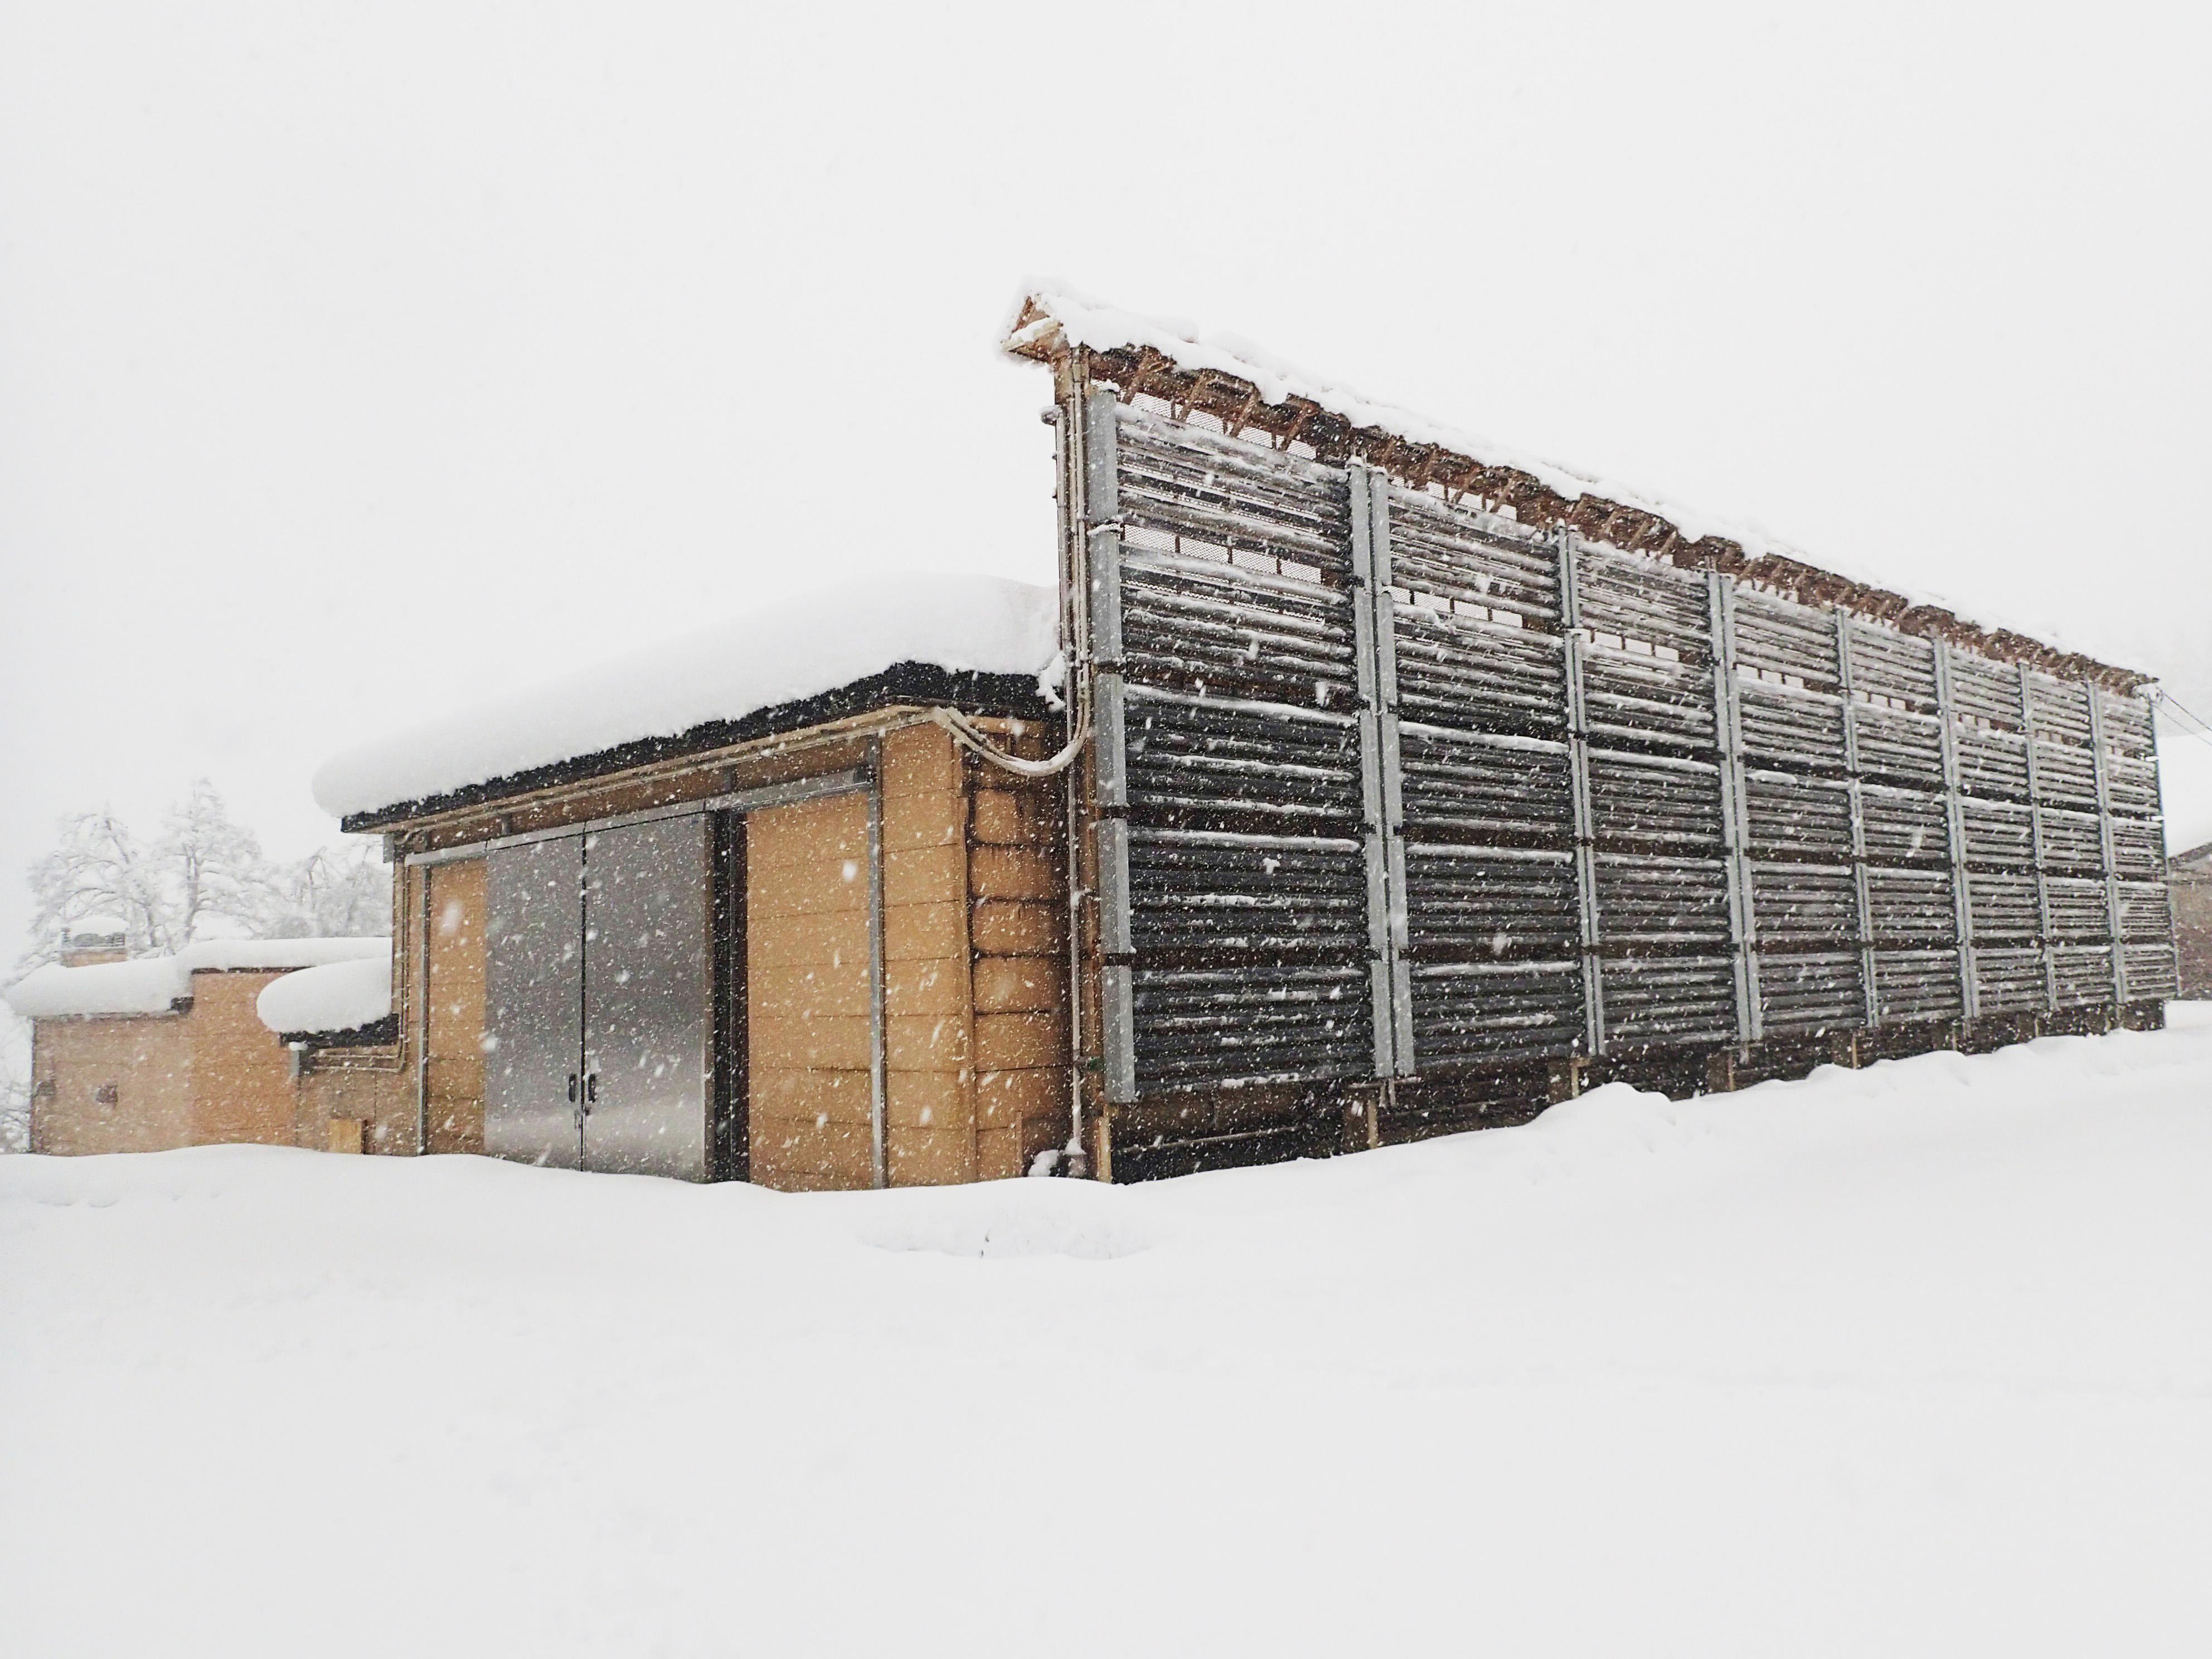 上越市 和田の雪室